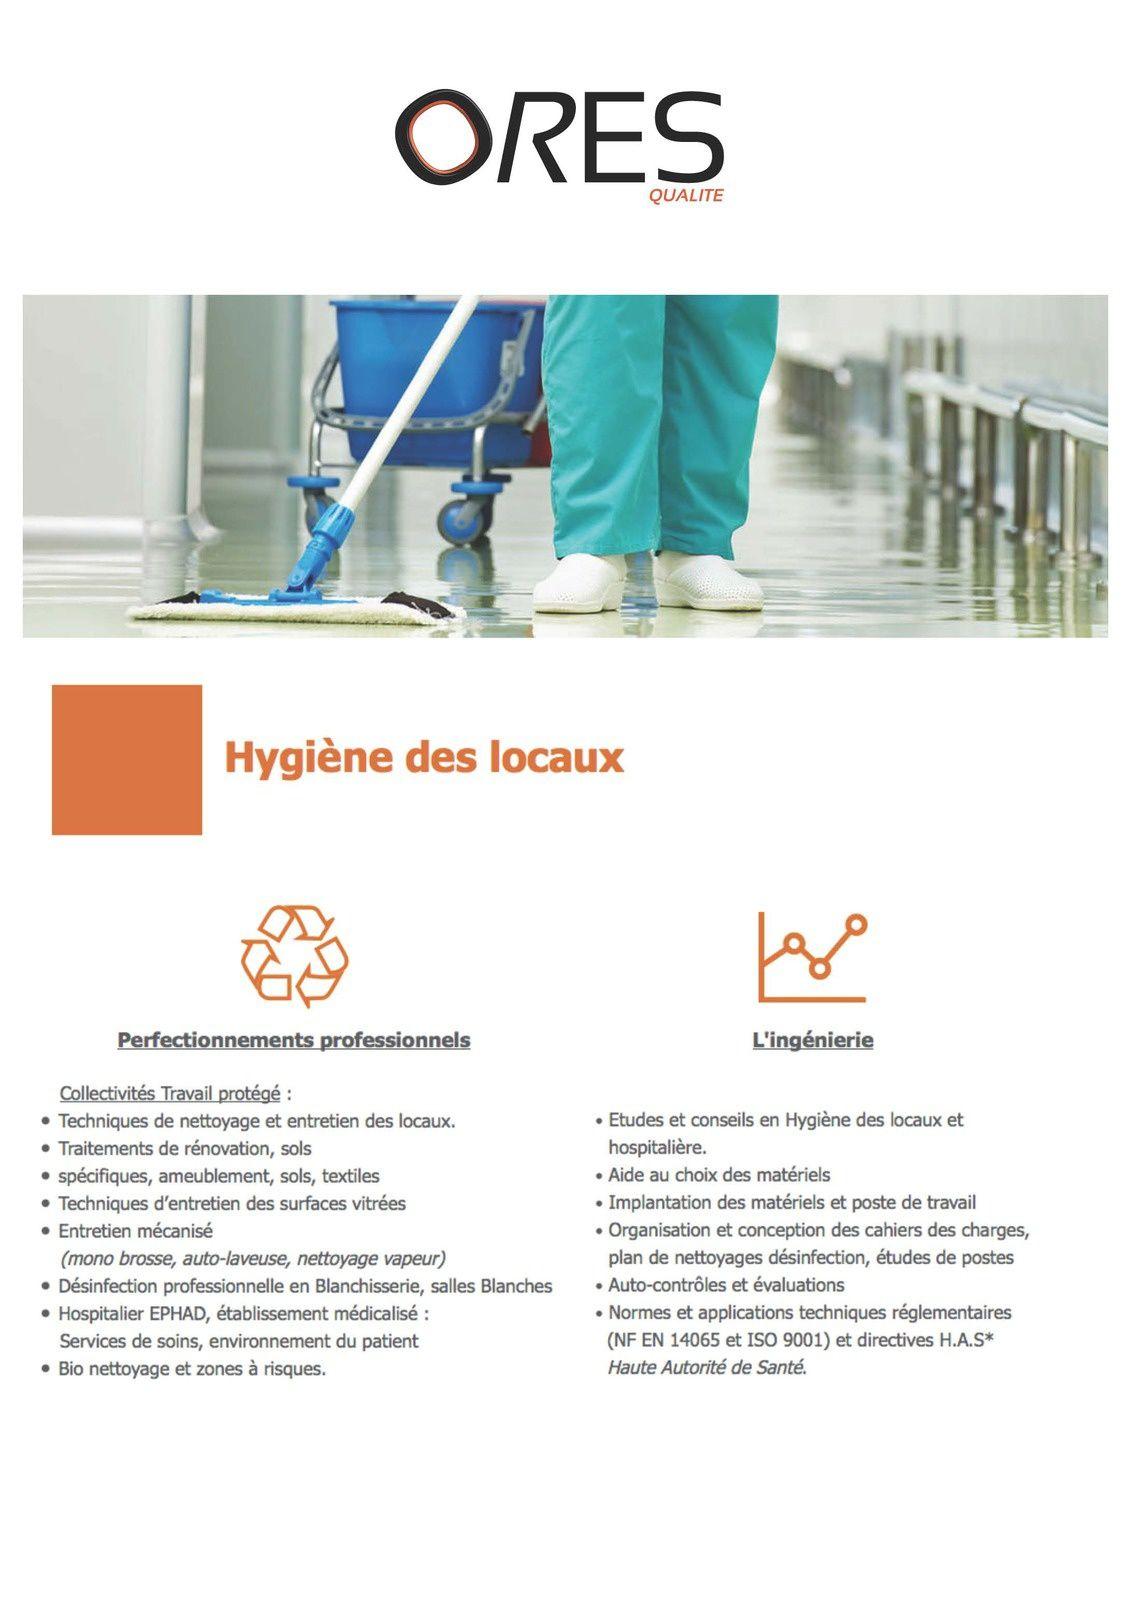 ORES Qualité le conseil et l'expertise Hygiène des locaux